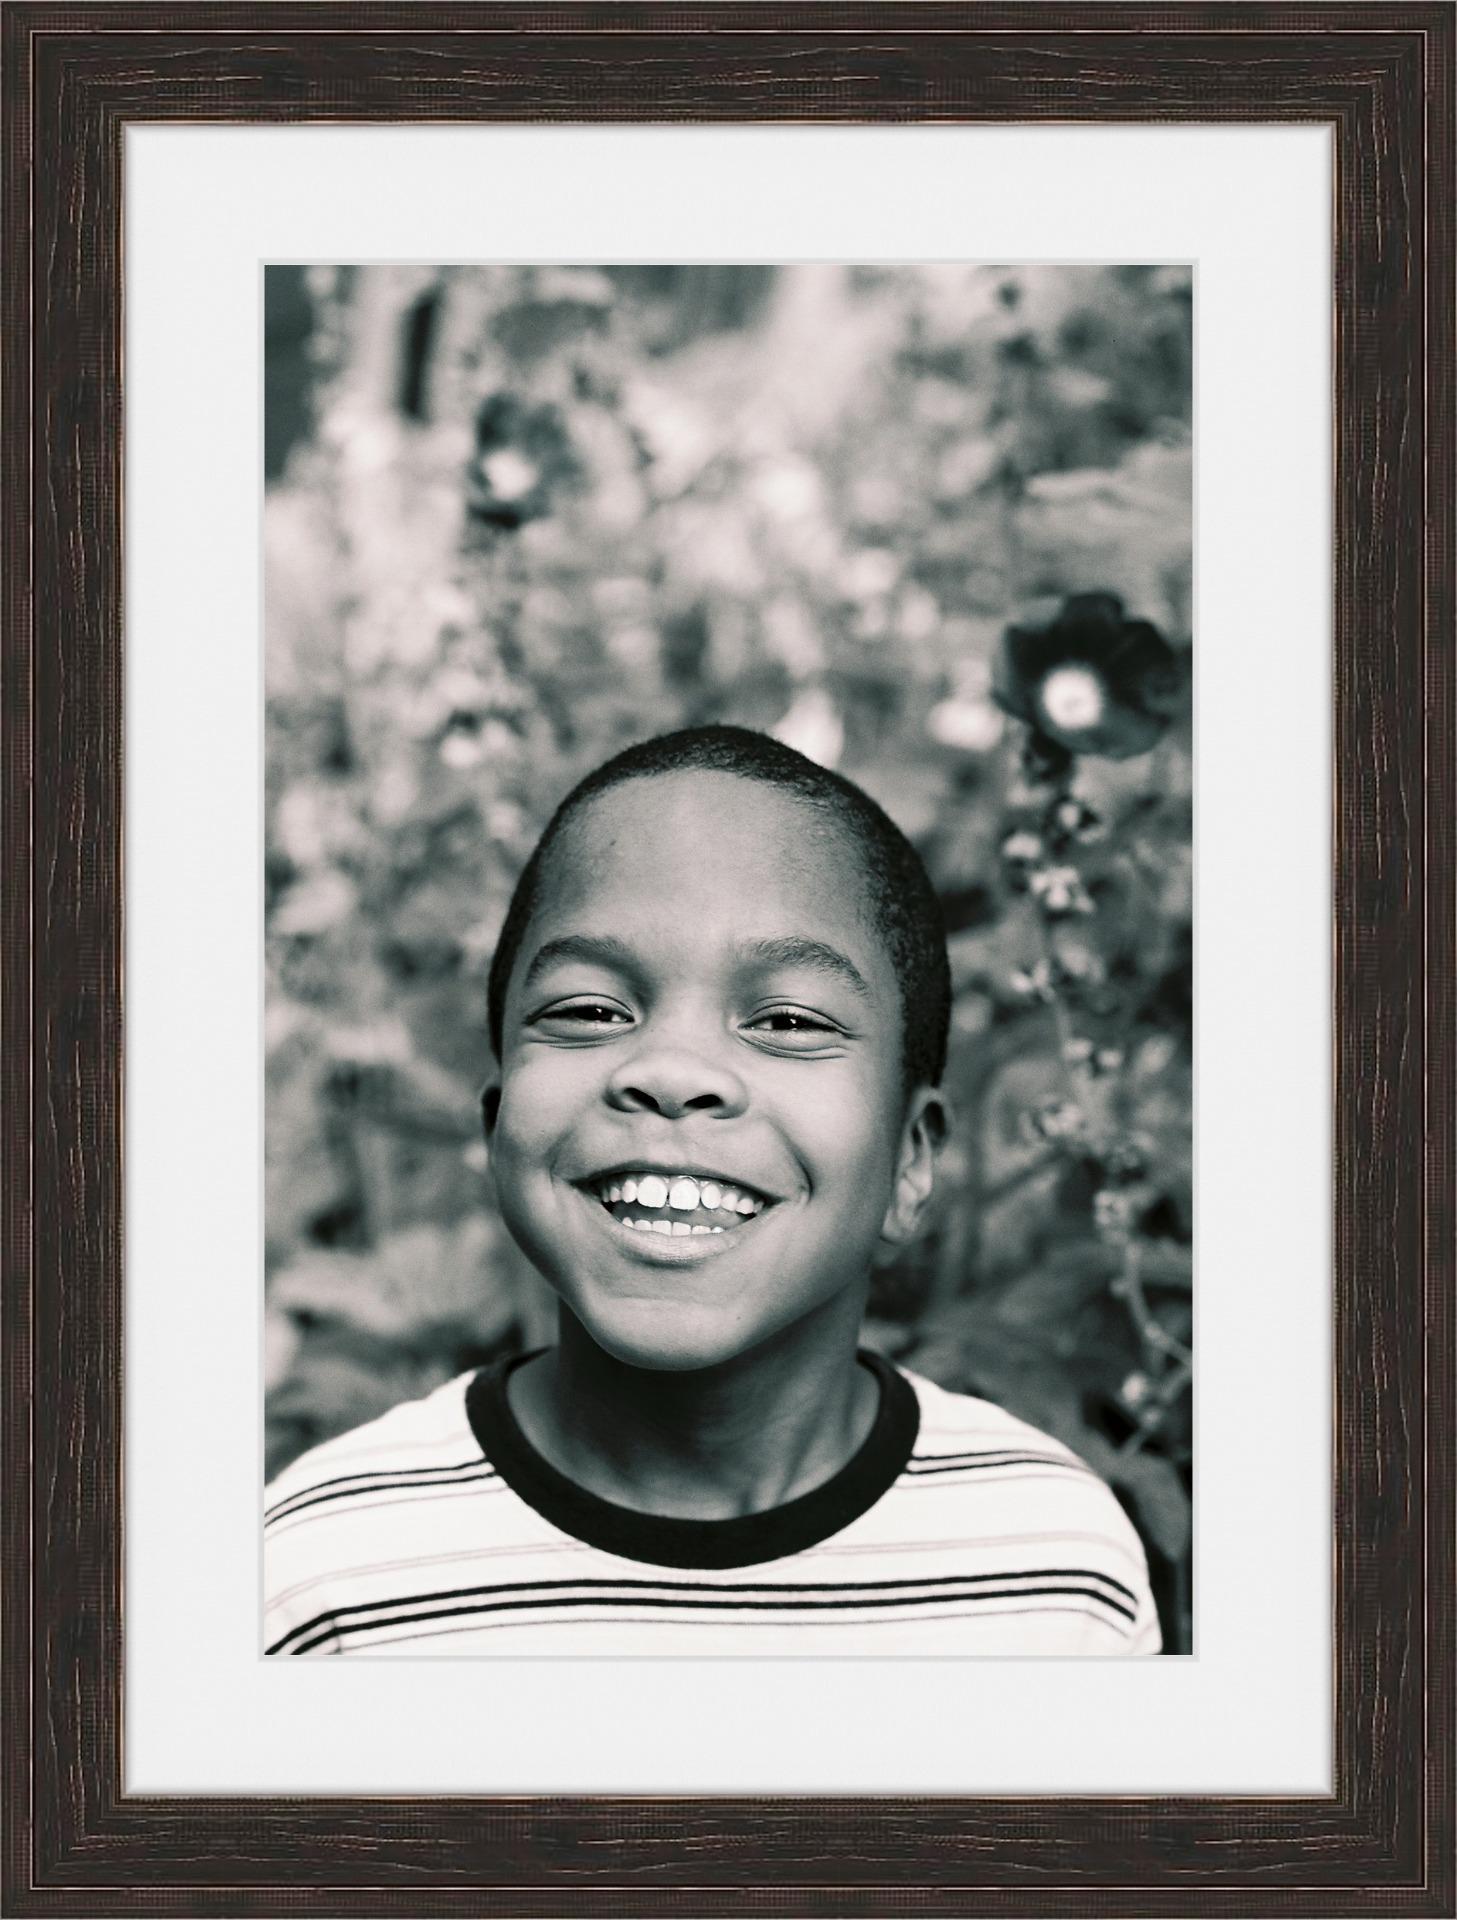 Black_White_Boy_Portrait_In_Garden_2